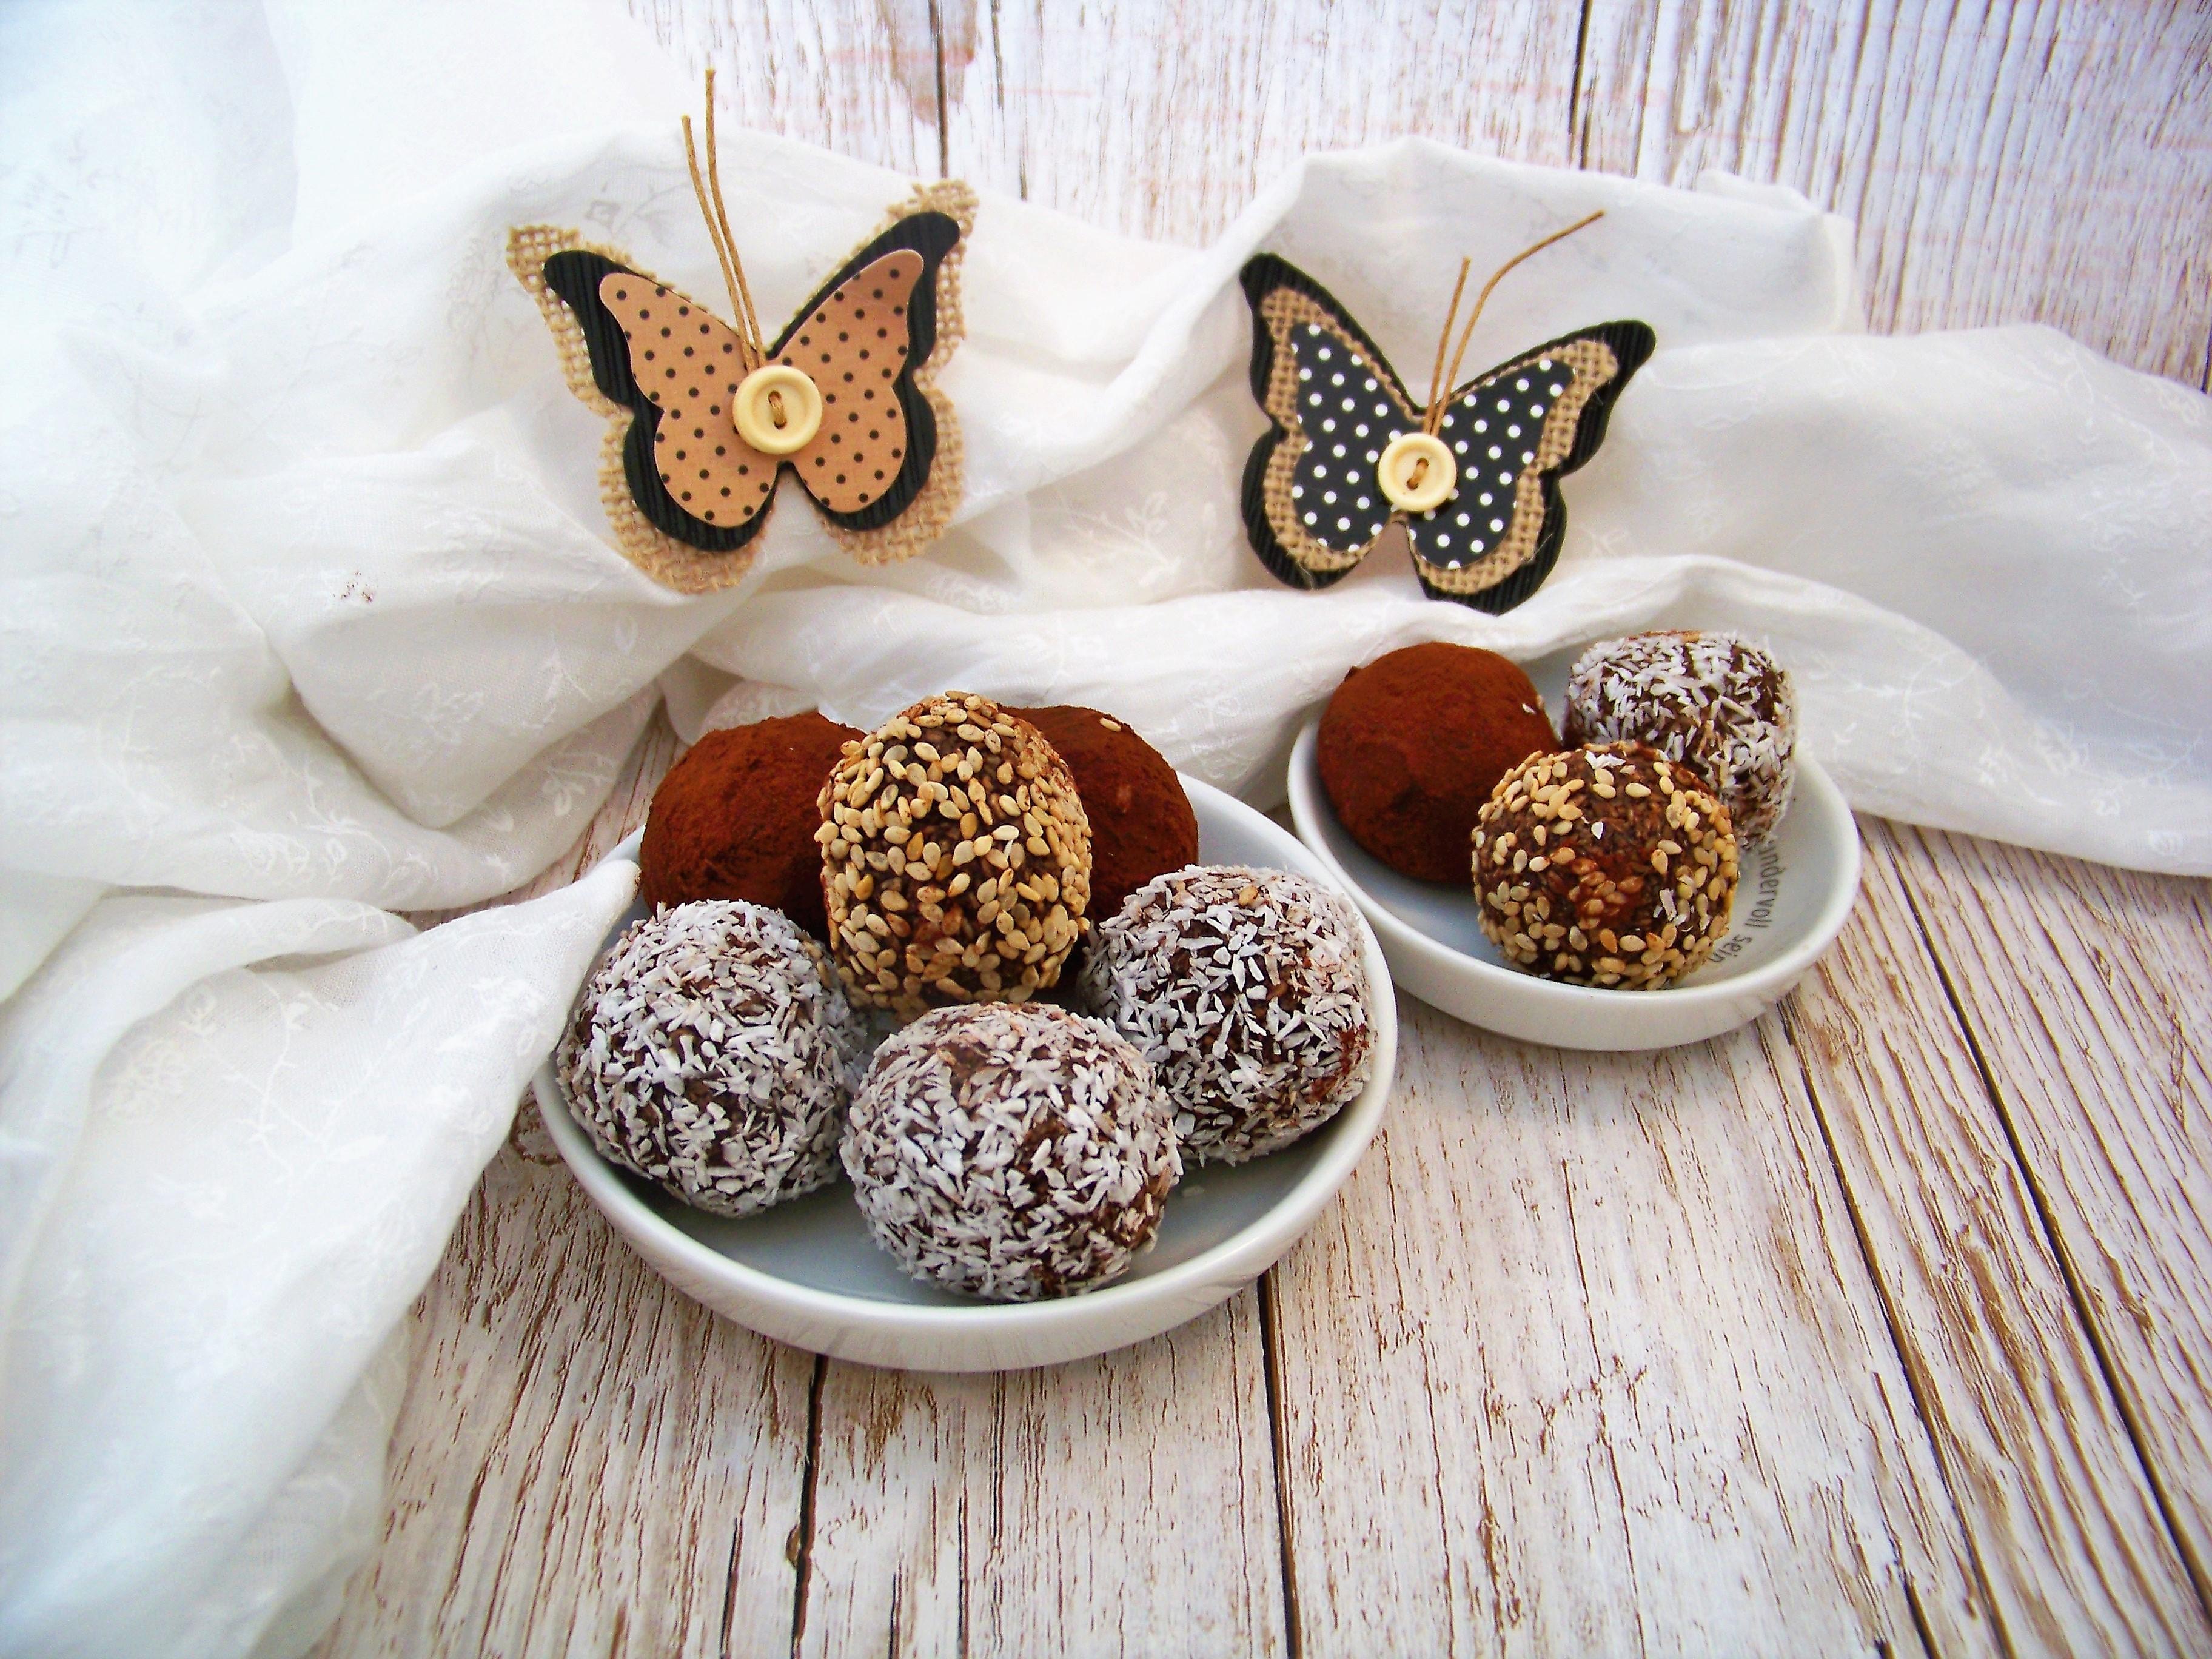 Energiekugeln mit Datteln, Kokos und Nussmus dekoriert auf kleinen Tellern